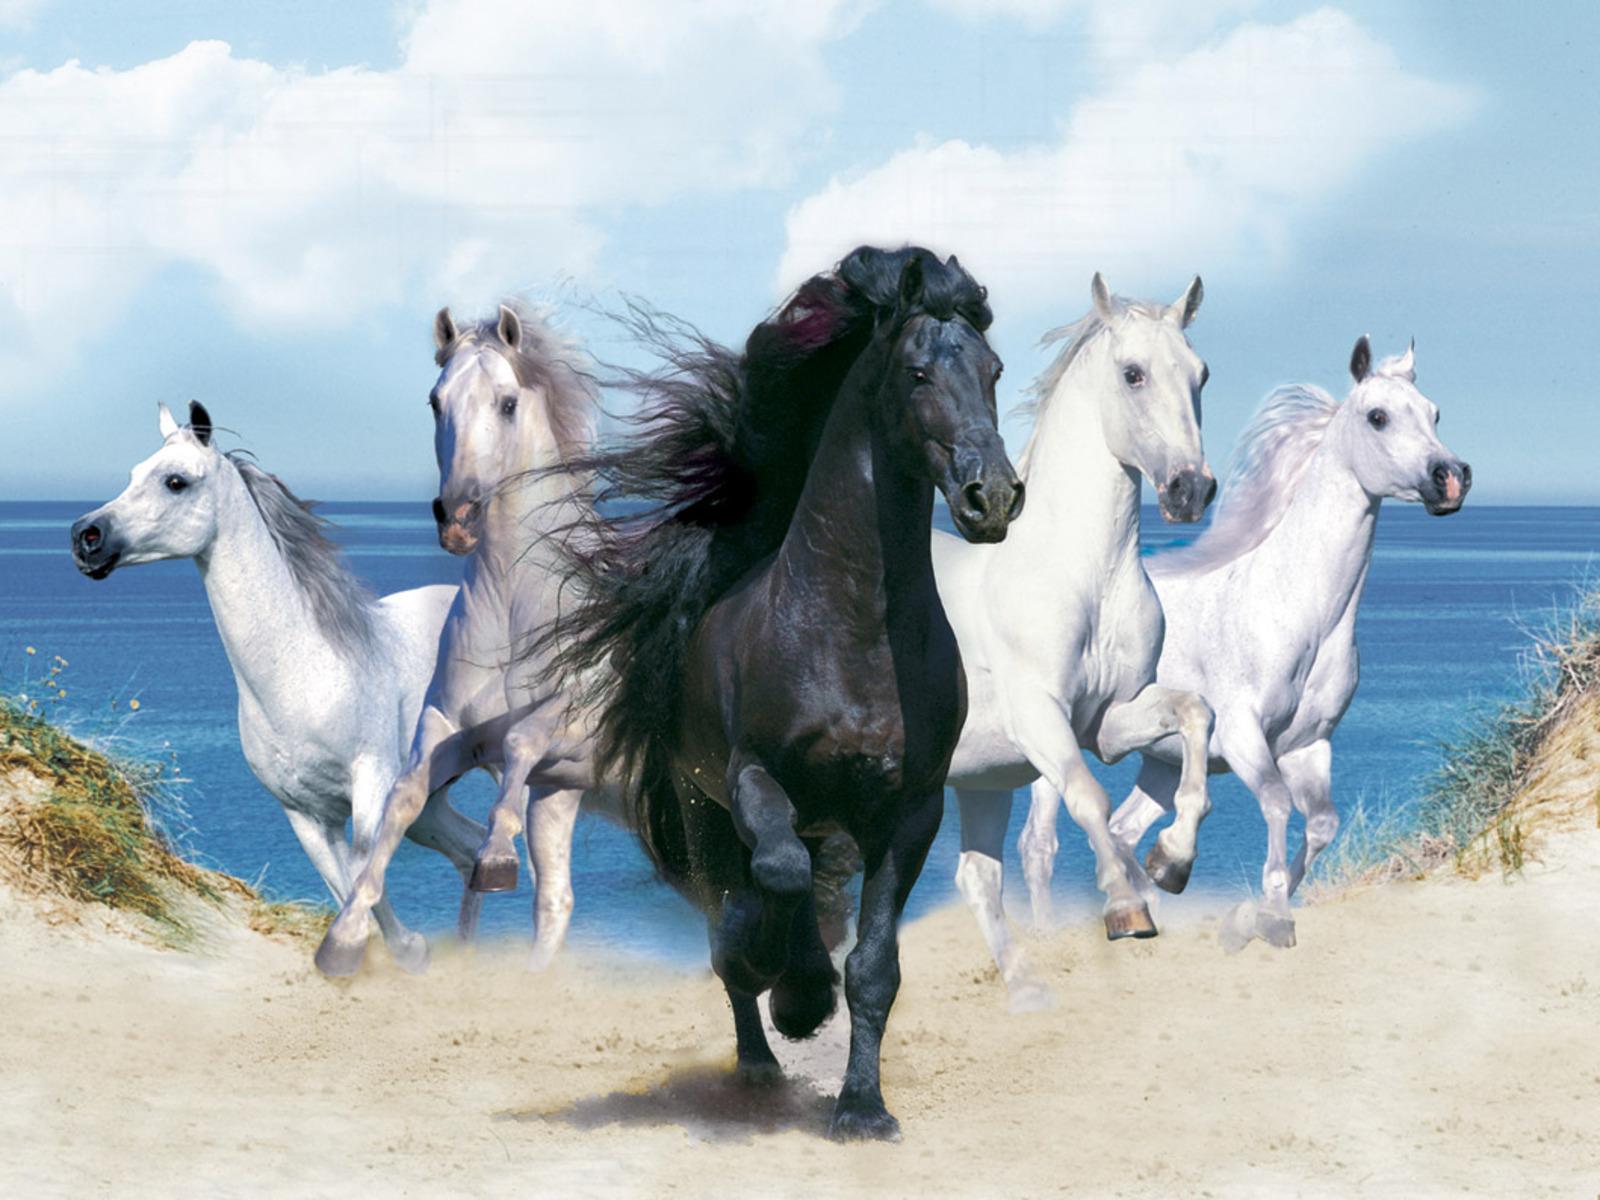 https://2.bp.blogspot.com/-7B8_hXq7cOU/T5LA--PW1EI/AAAAAAAAAYE/GiVCPIdNeJw/s1600/Wallpaper-of-Horses-4.jpg